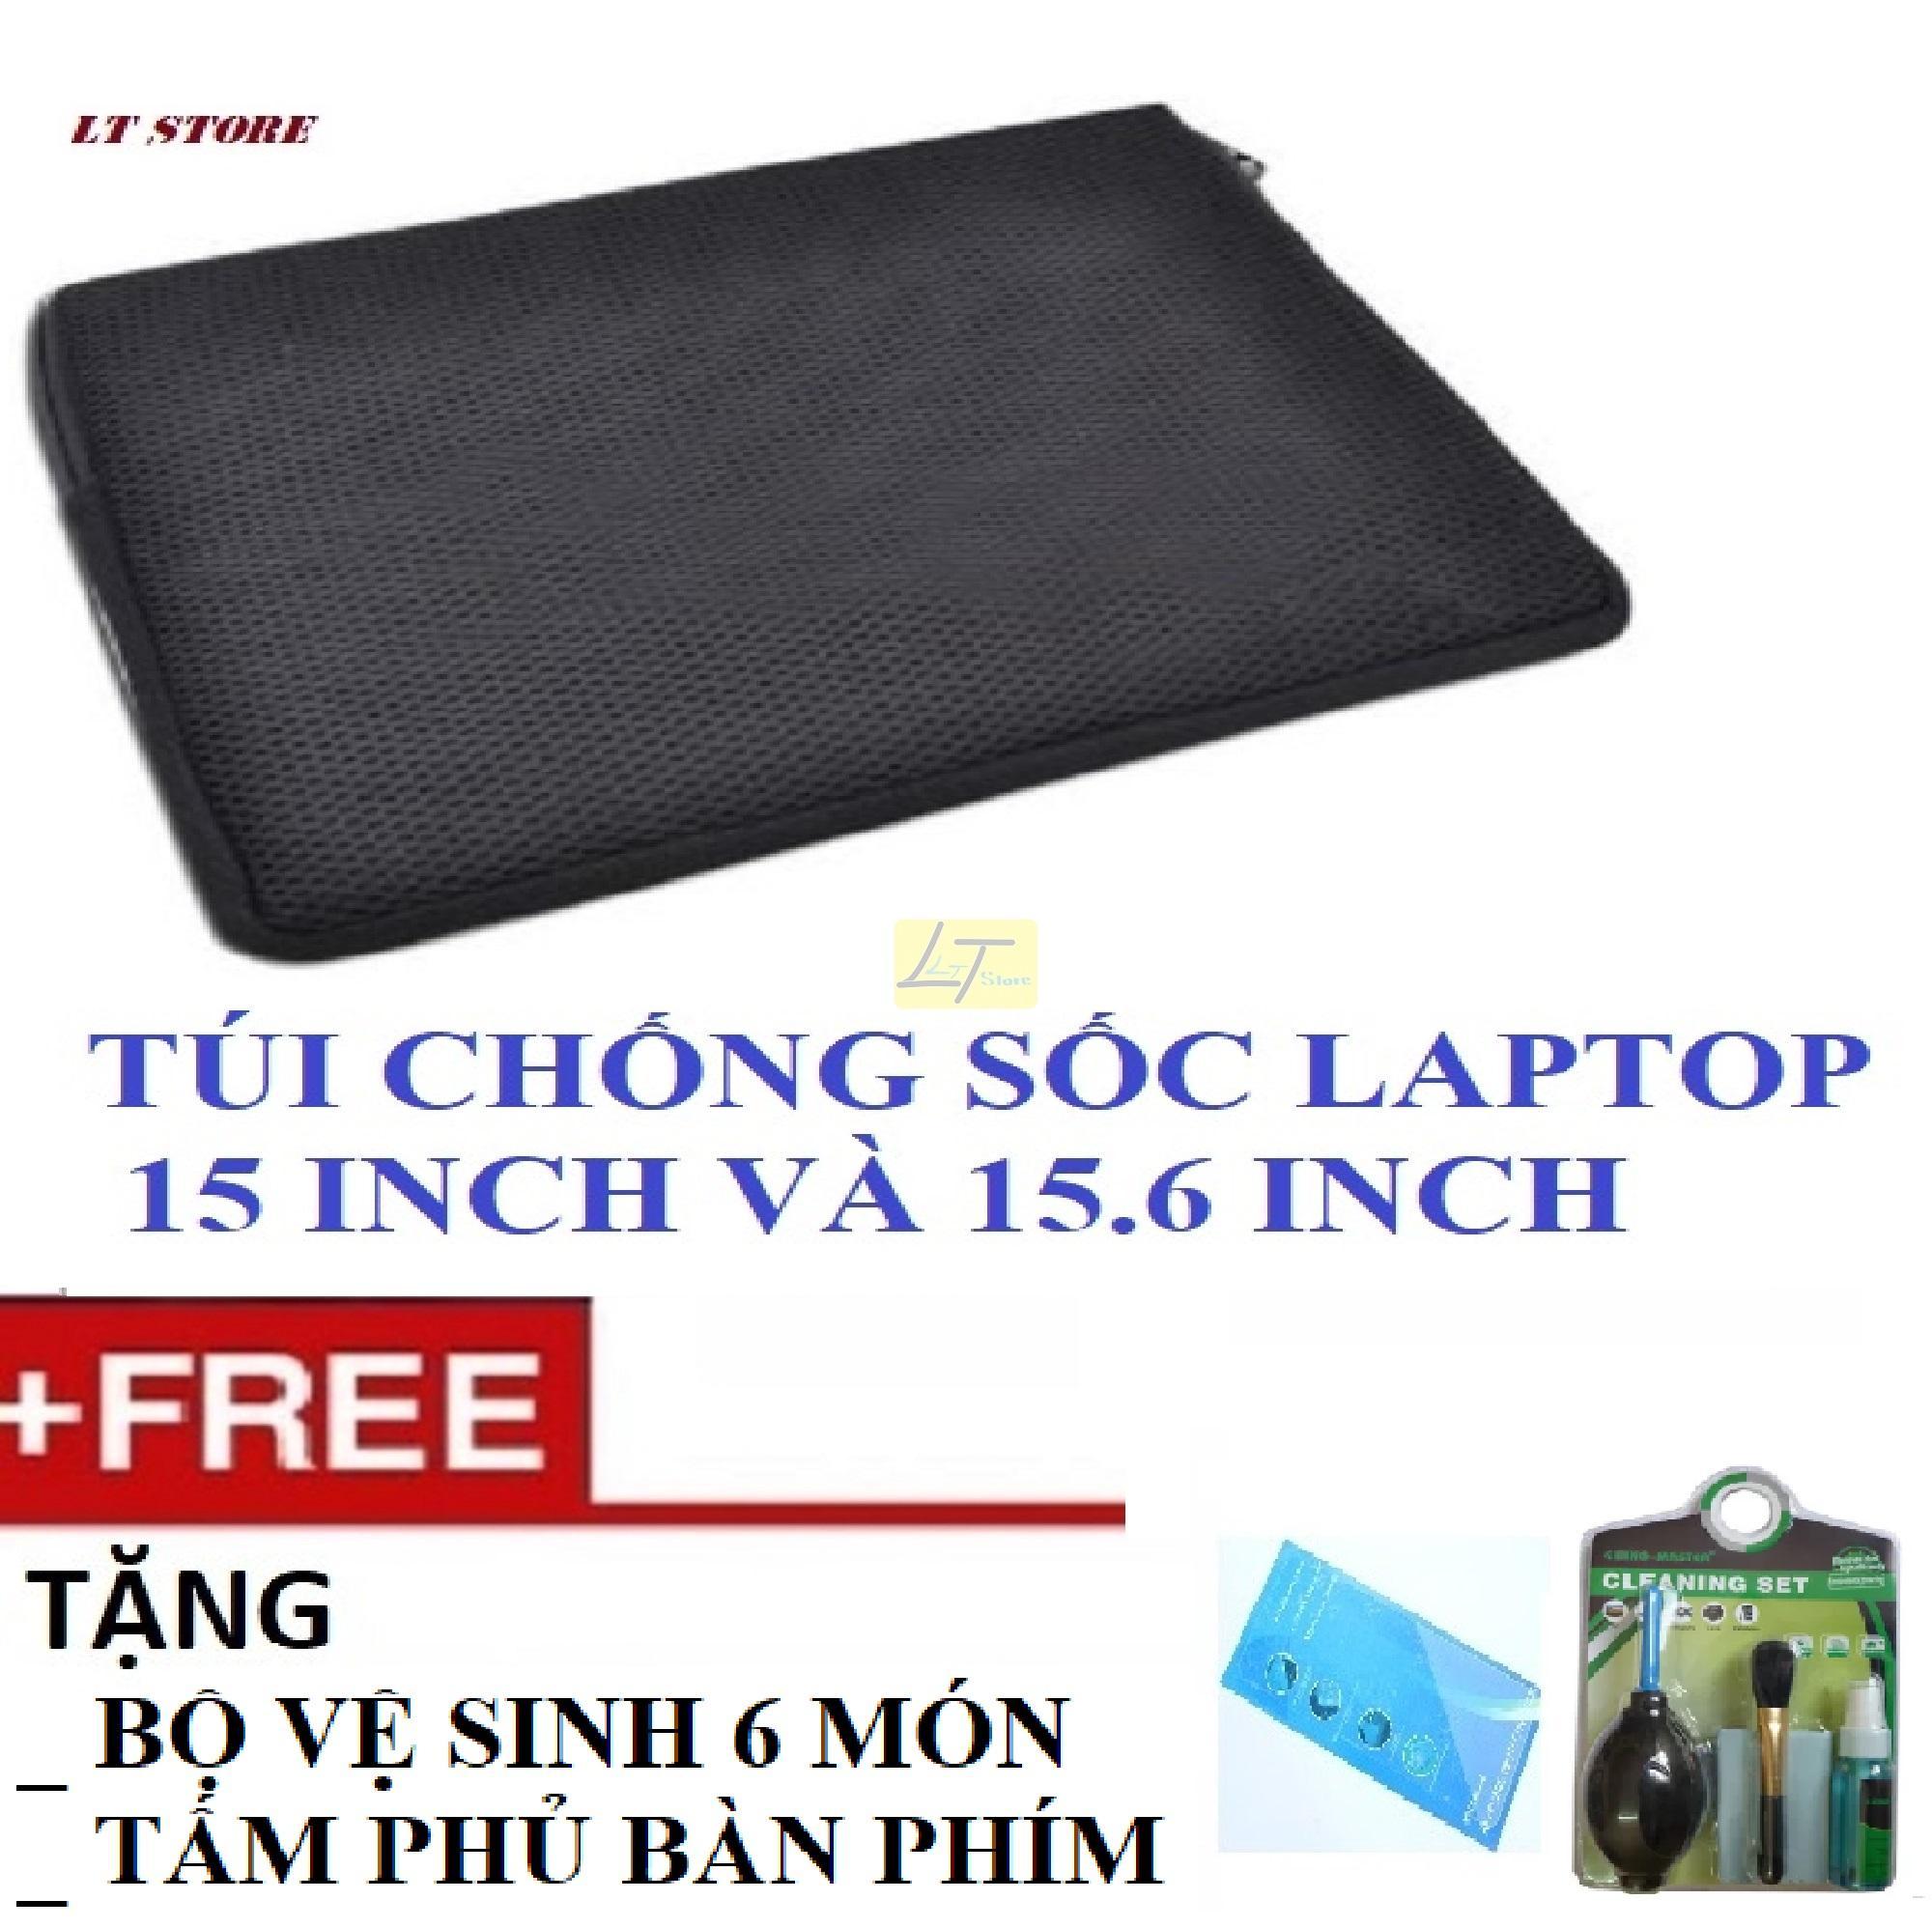 Deal Khuyến Mại Túi Chống Sốc Laptop 15 - 15.6 Inch Tặng Bộ Vệ Sinh 6 Món, Tấm Phủ Bàn Phím Laptop